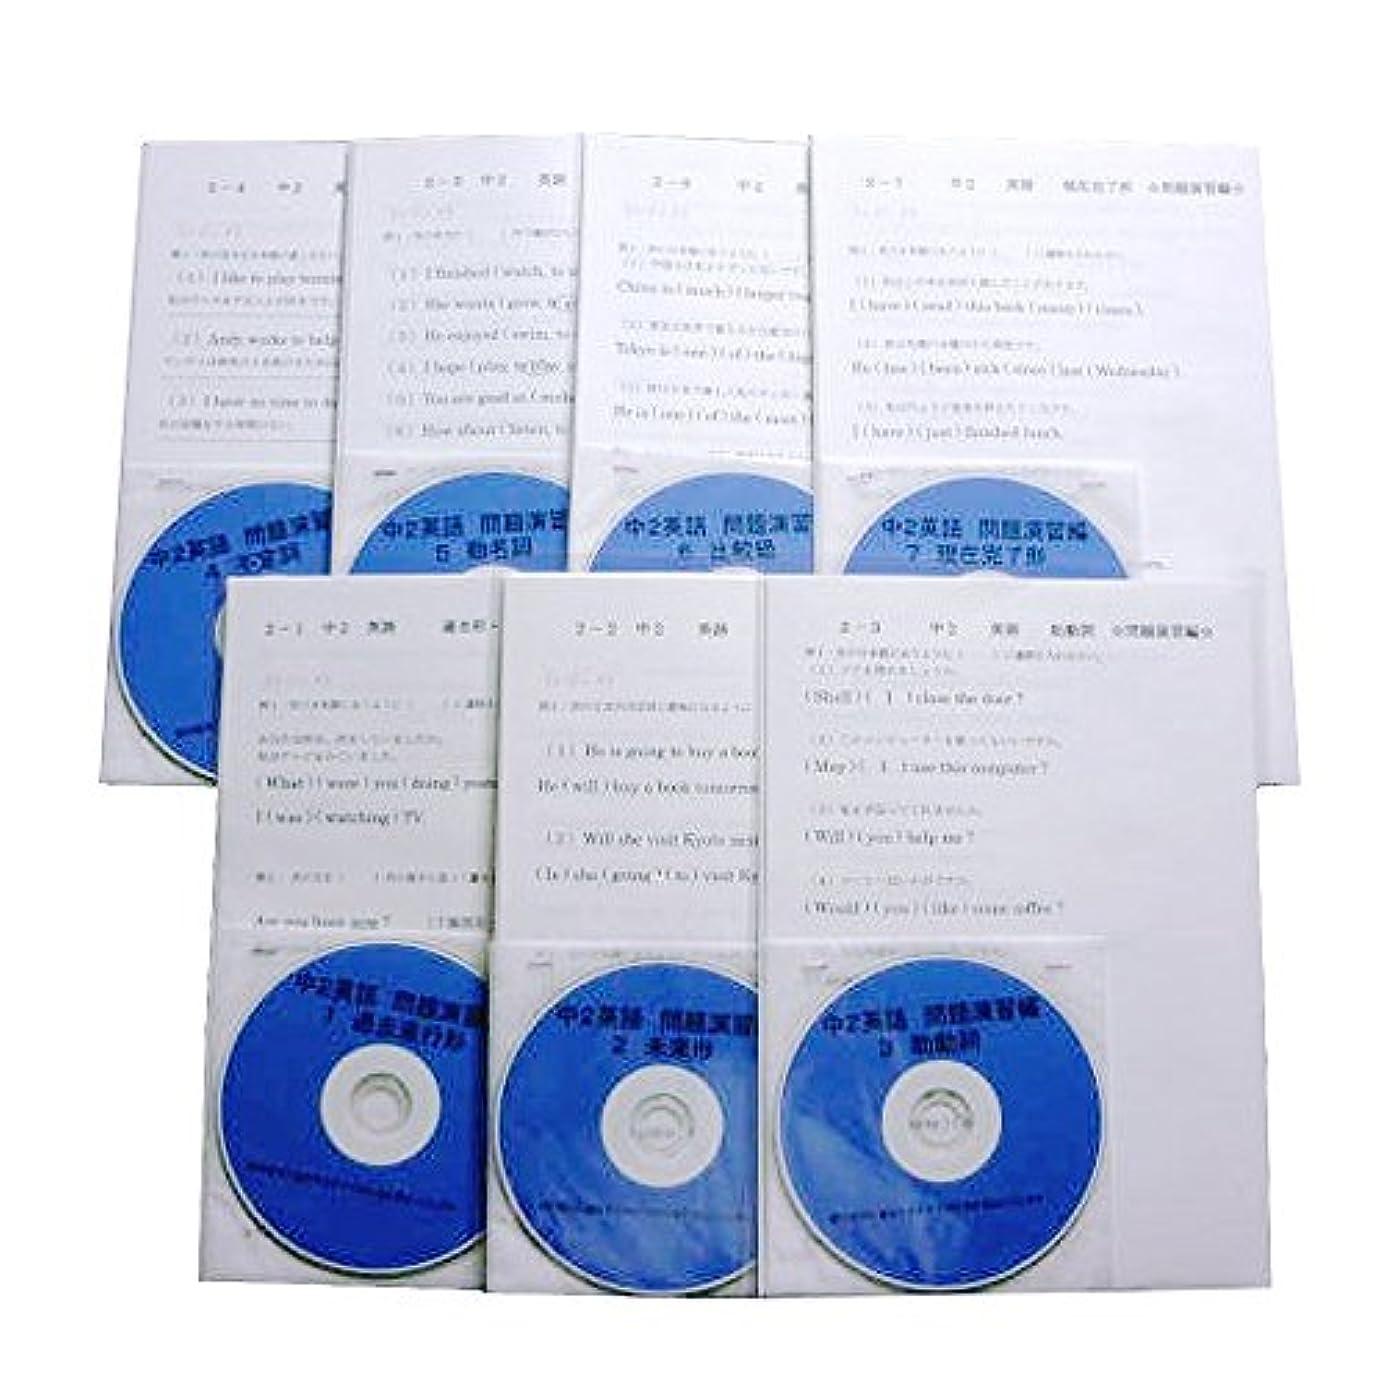 終了しました奪うコジオスコ中学 英語 2年 【応用】 DVD 7枚セット (授業+テキスト+問題集)